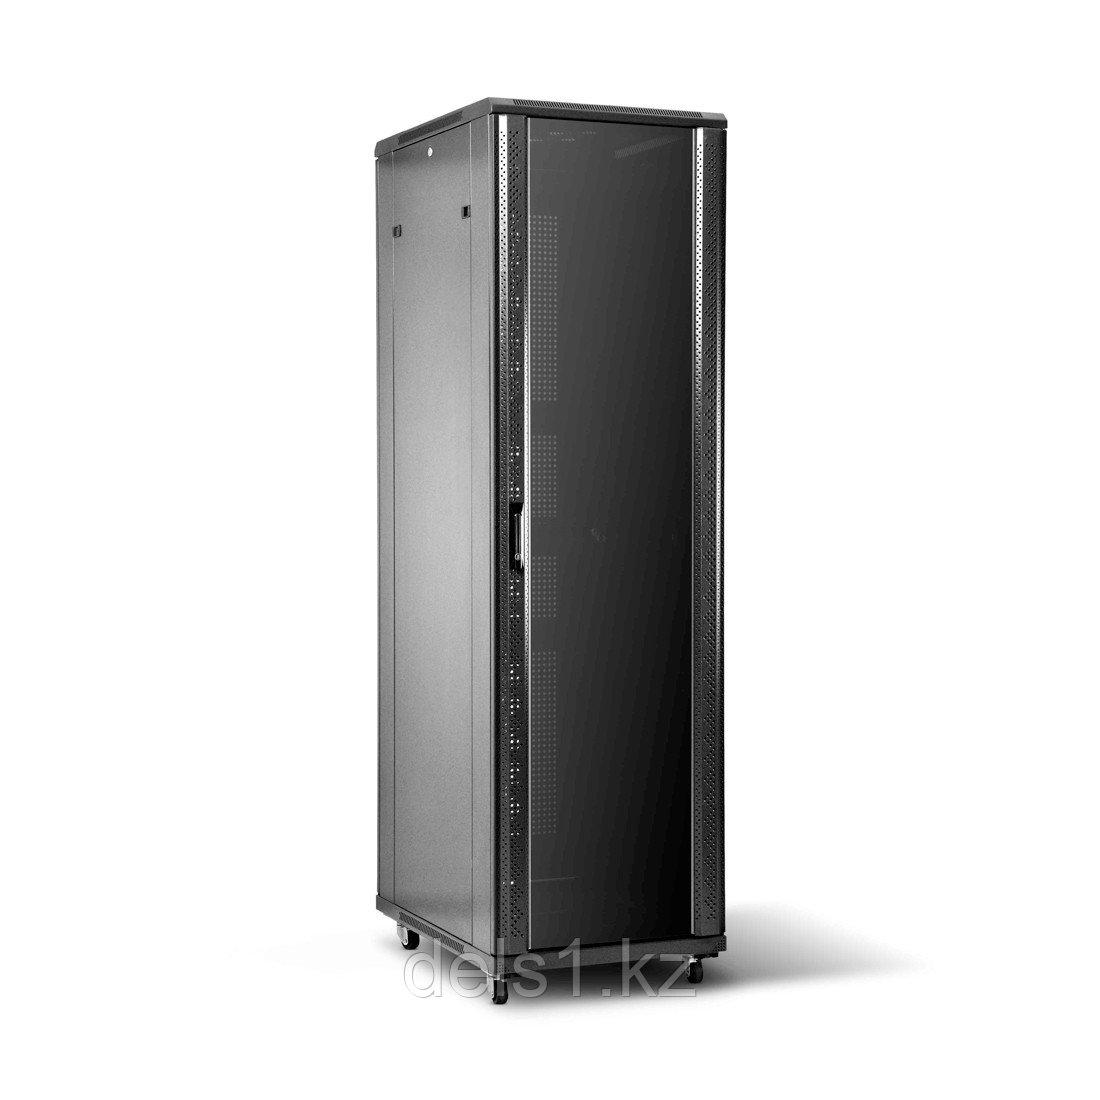 Шкаф серверный напольный SHIP 601S.6624.24.100 24U 600*600*1200 мм